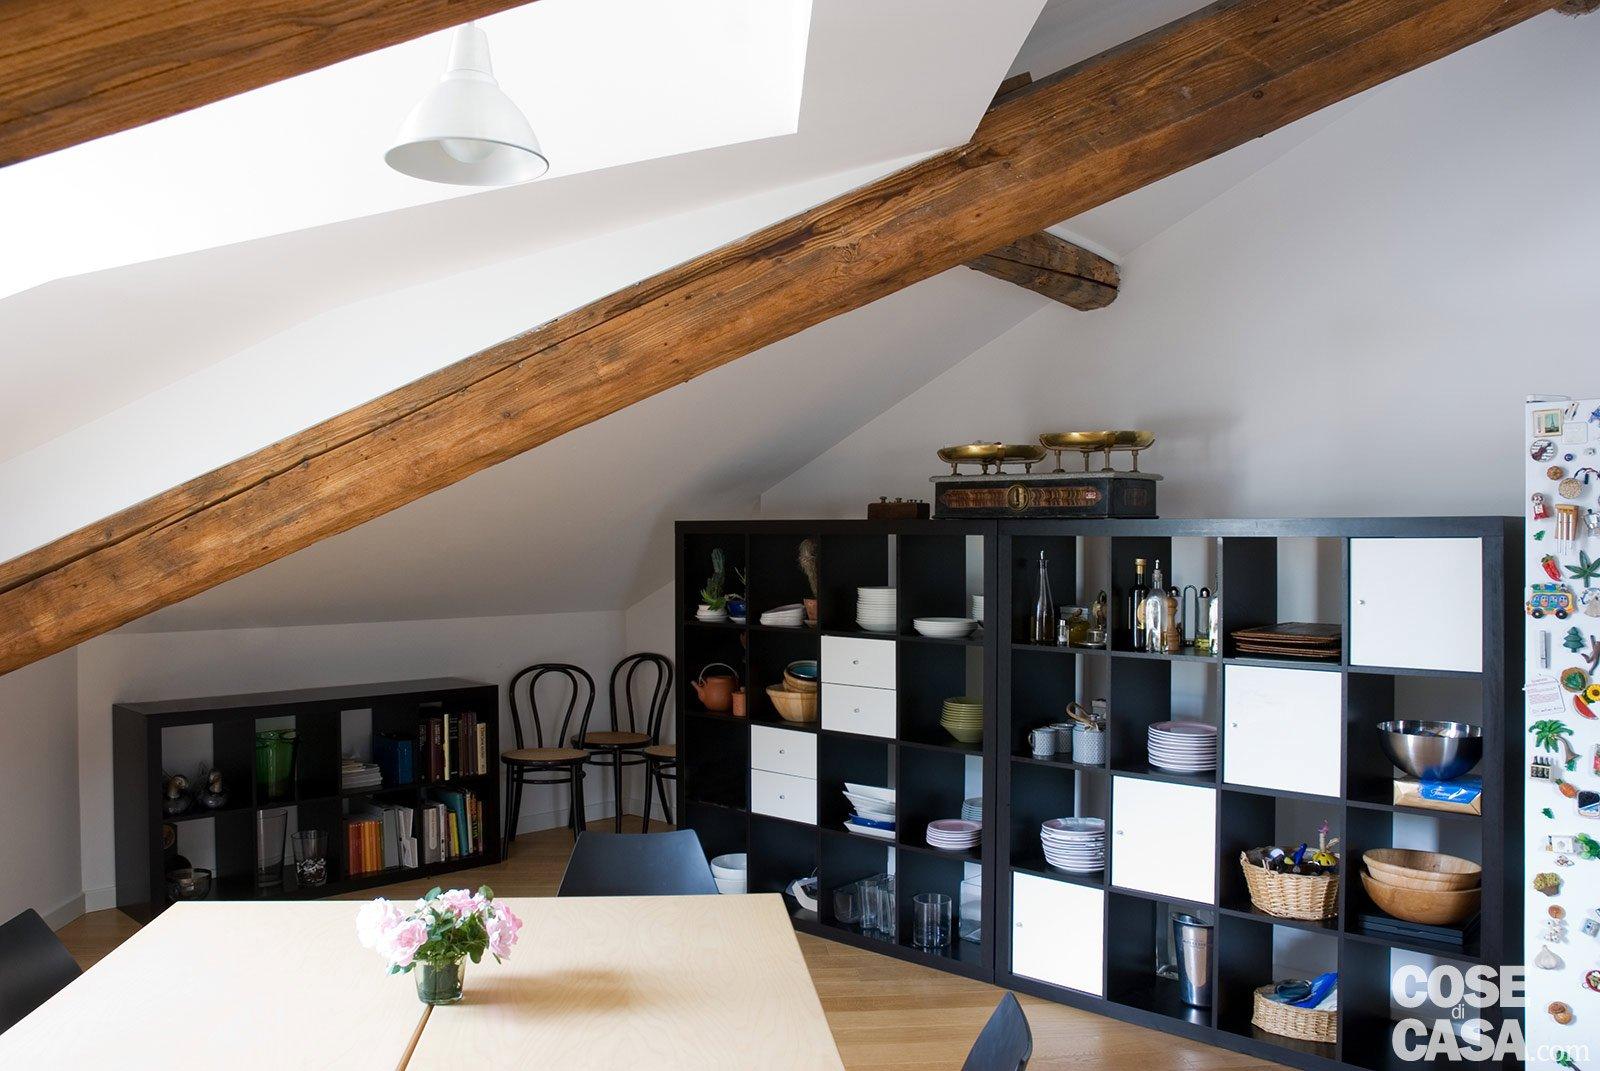 Casabook immobiliare sottotetto una casa con travi a vista for Arredare mansarda ikea